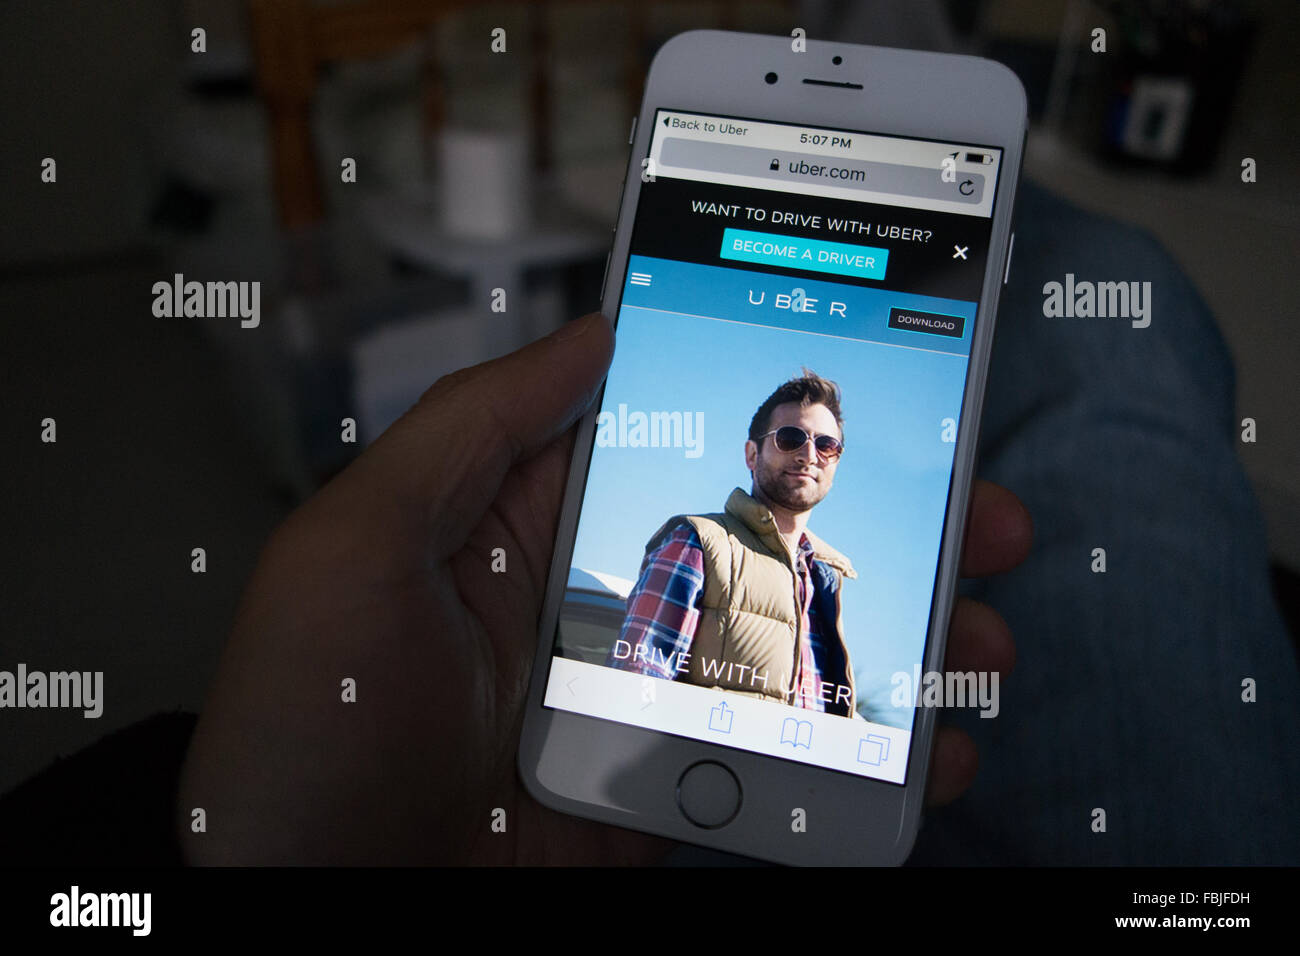 Le partage de voiture taxi uber app Photo Stock